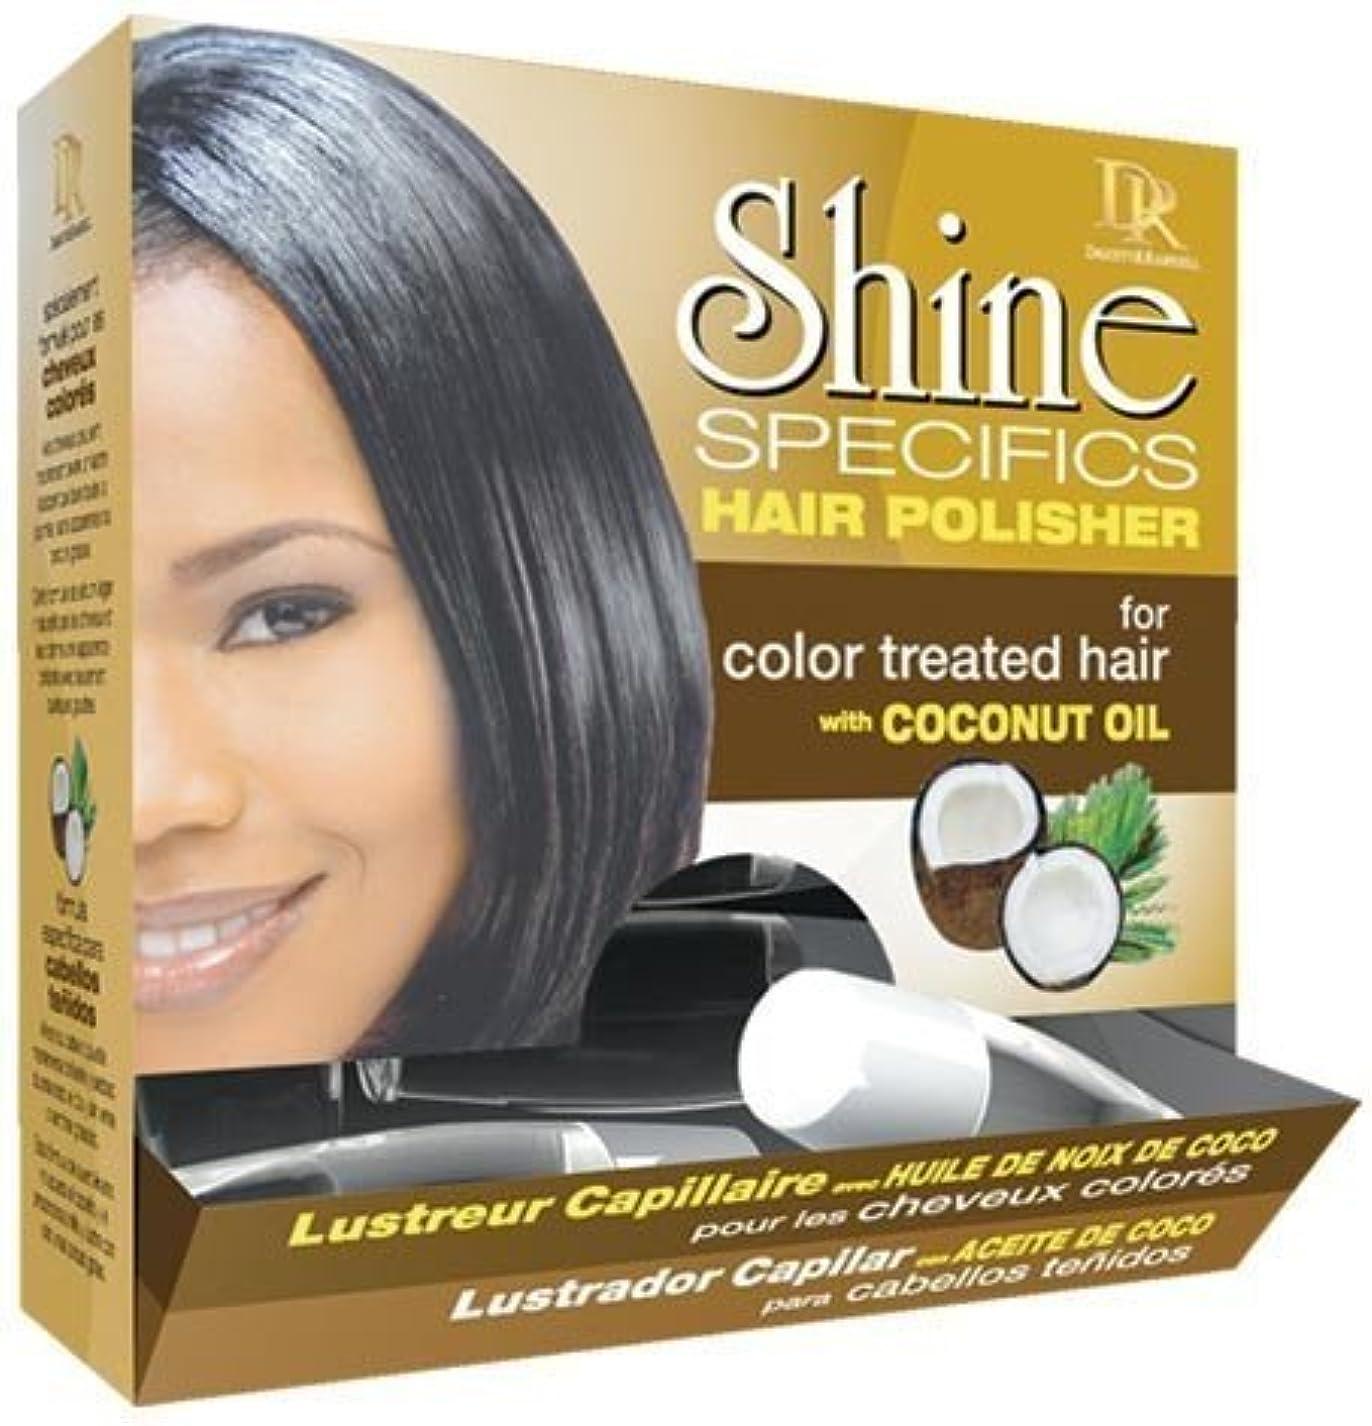 最近小川重要な役割を果たす、中心的な手段となるDaggett & Ramsdell Shine Specifics Hair Polisher For Color Treated Hair With Coconut Oil (18 Pieces Dispenser)...